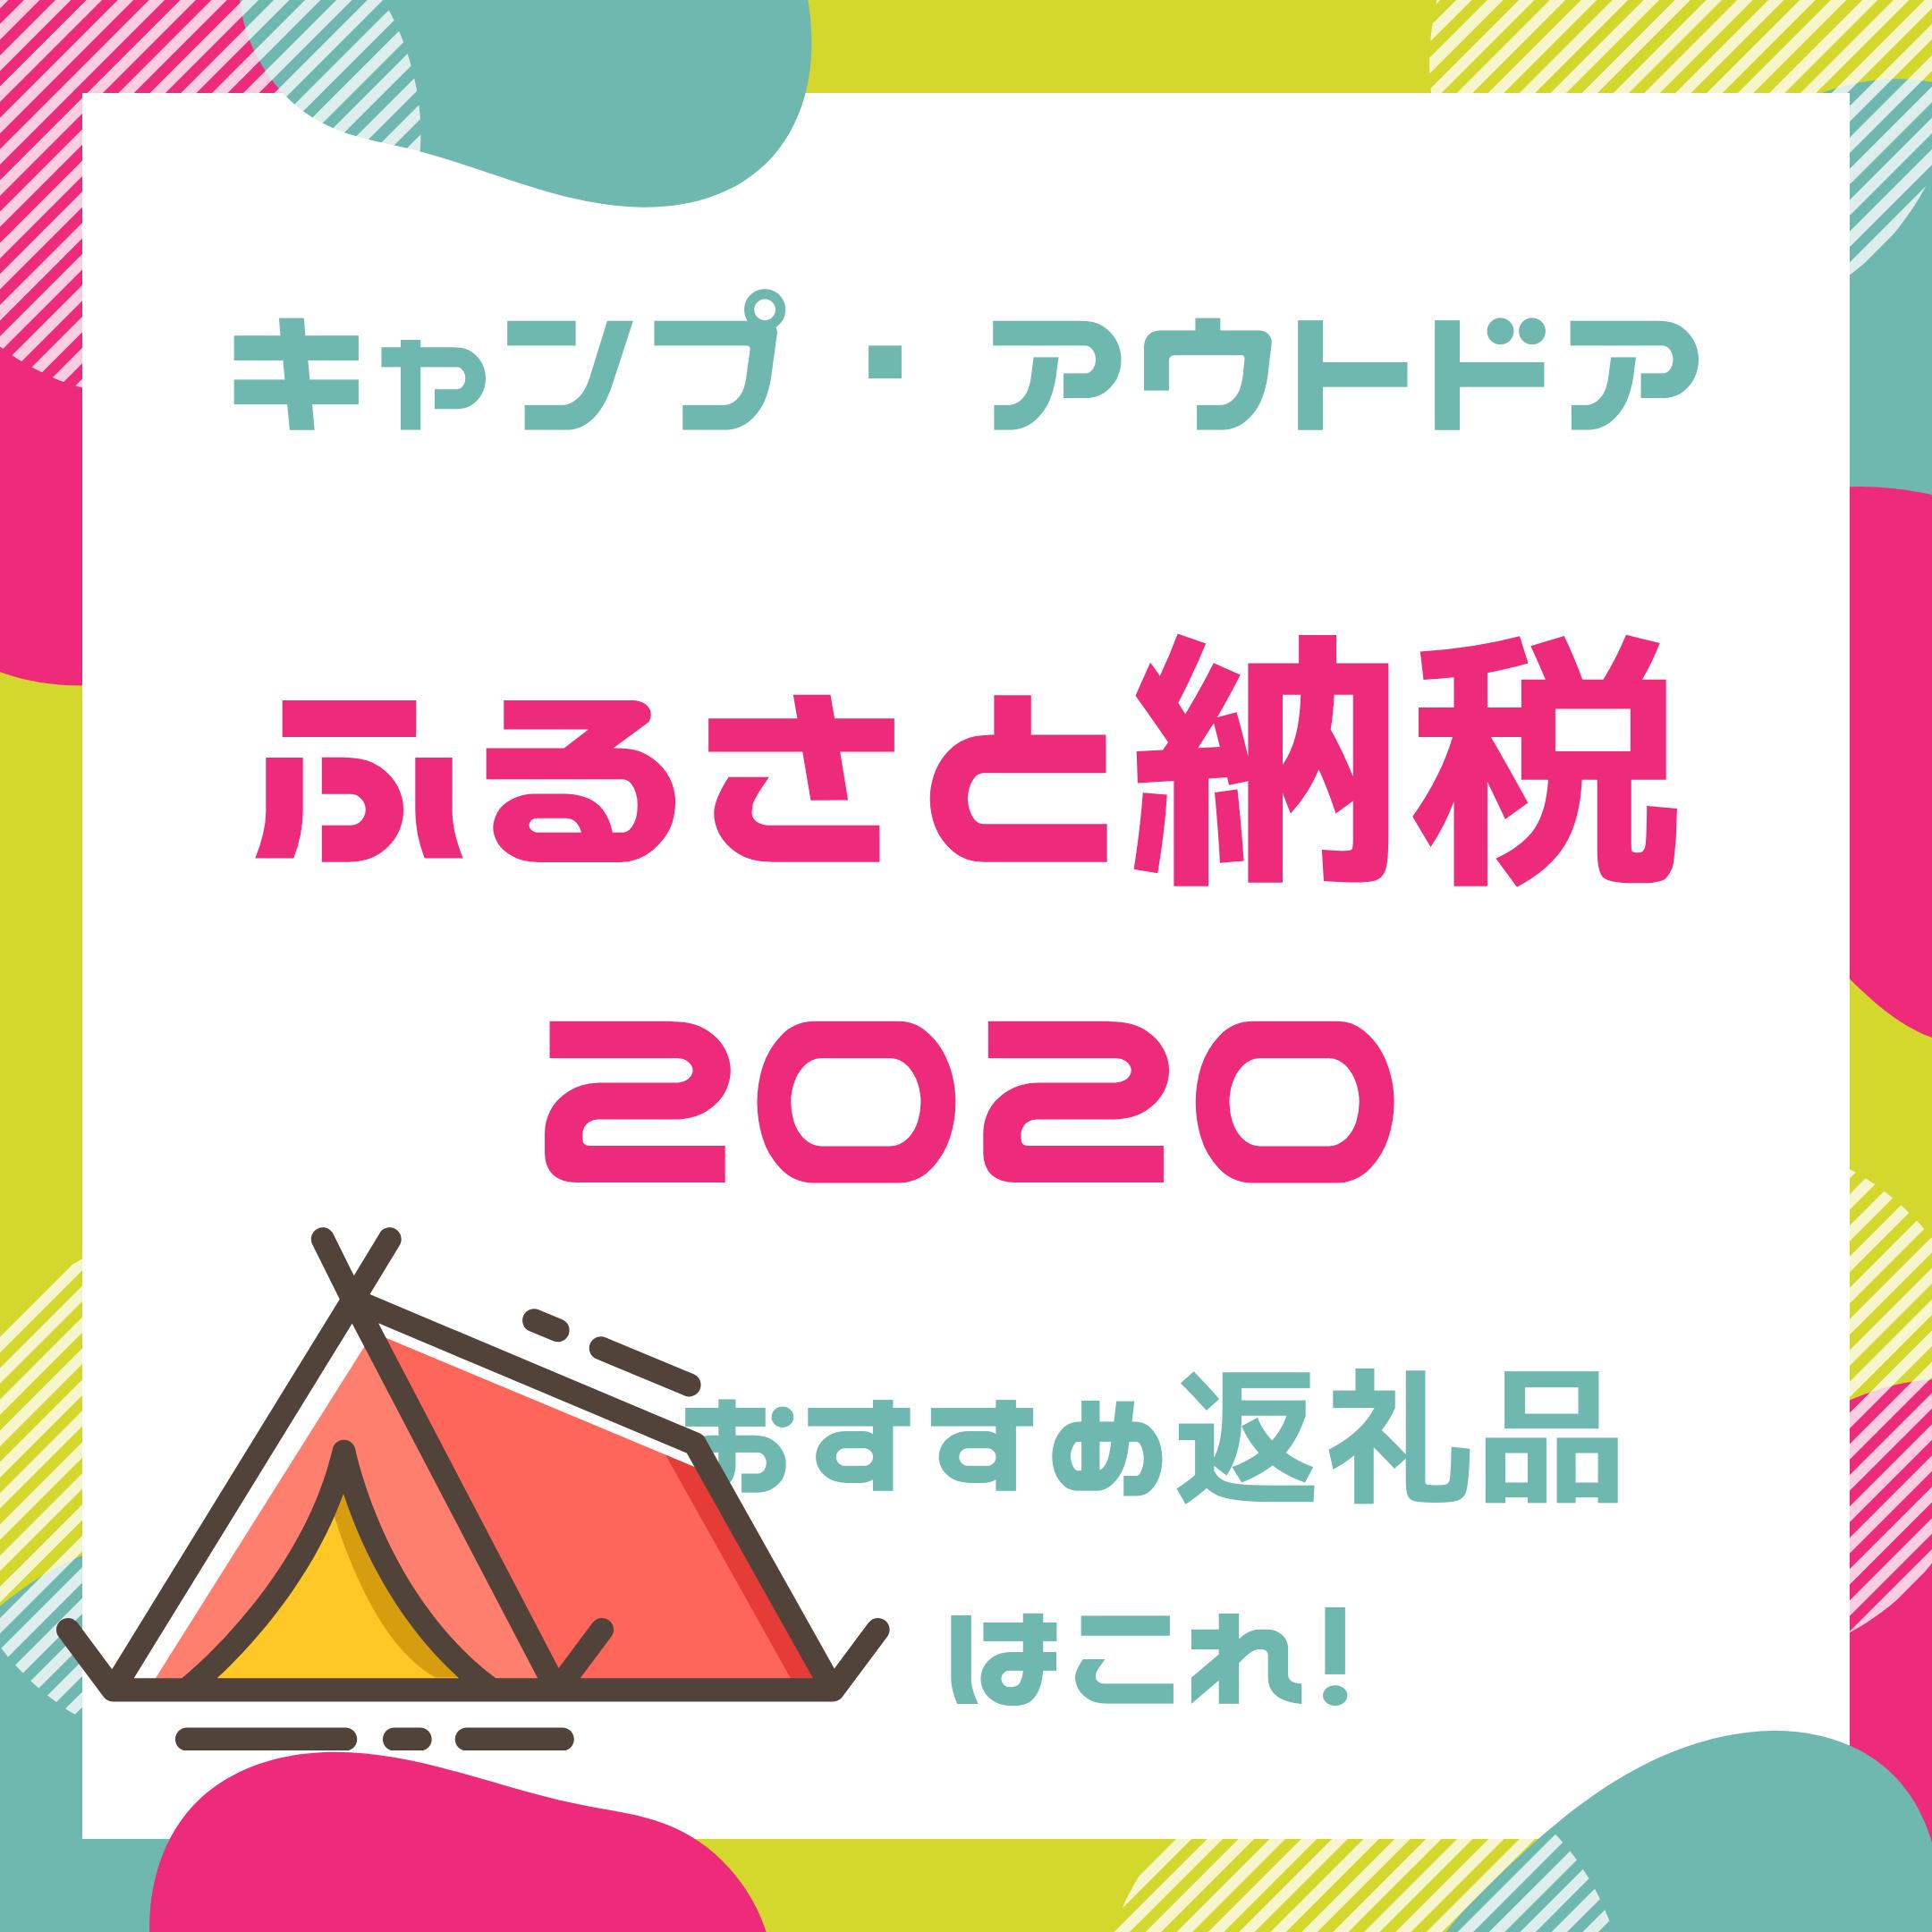 【2020年最新版!】ふるさと納税でキャンプアイテムをゲット!人気アイテムやキャンプ場利用券もあり